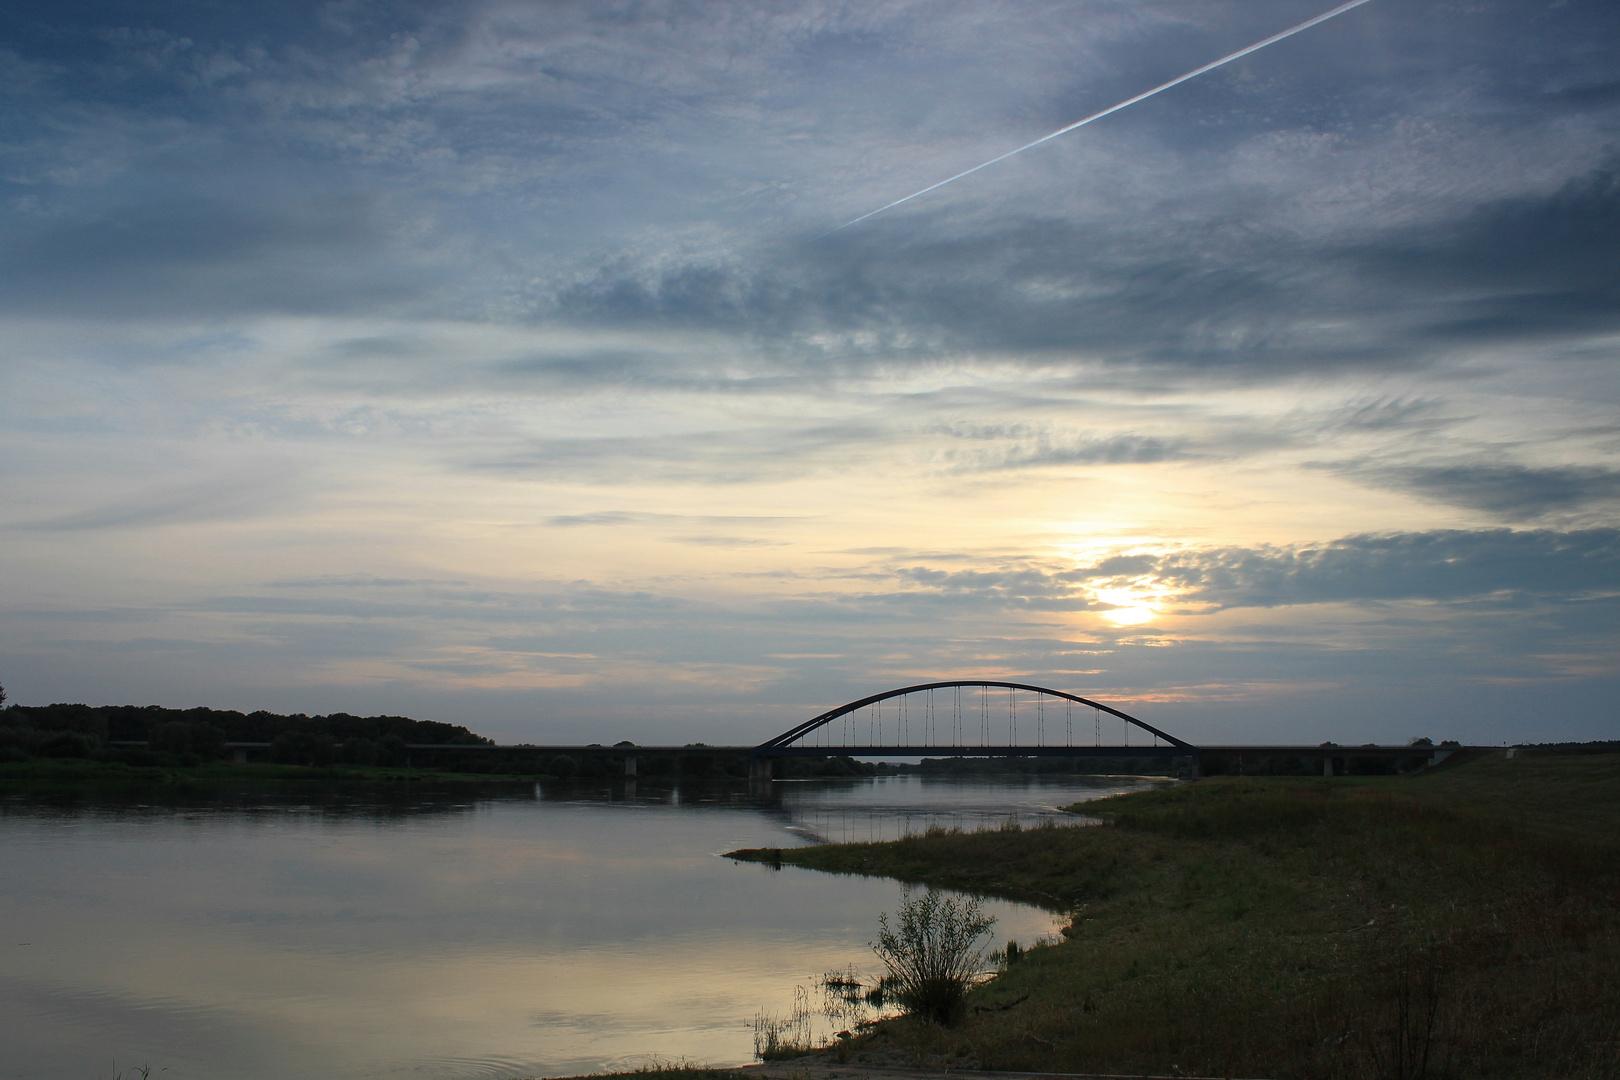 Über diese Brücke muss ich fahren .....